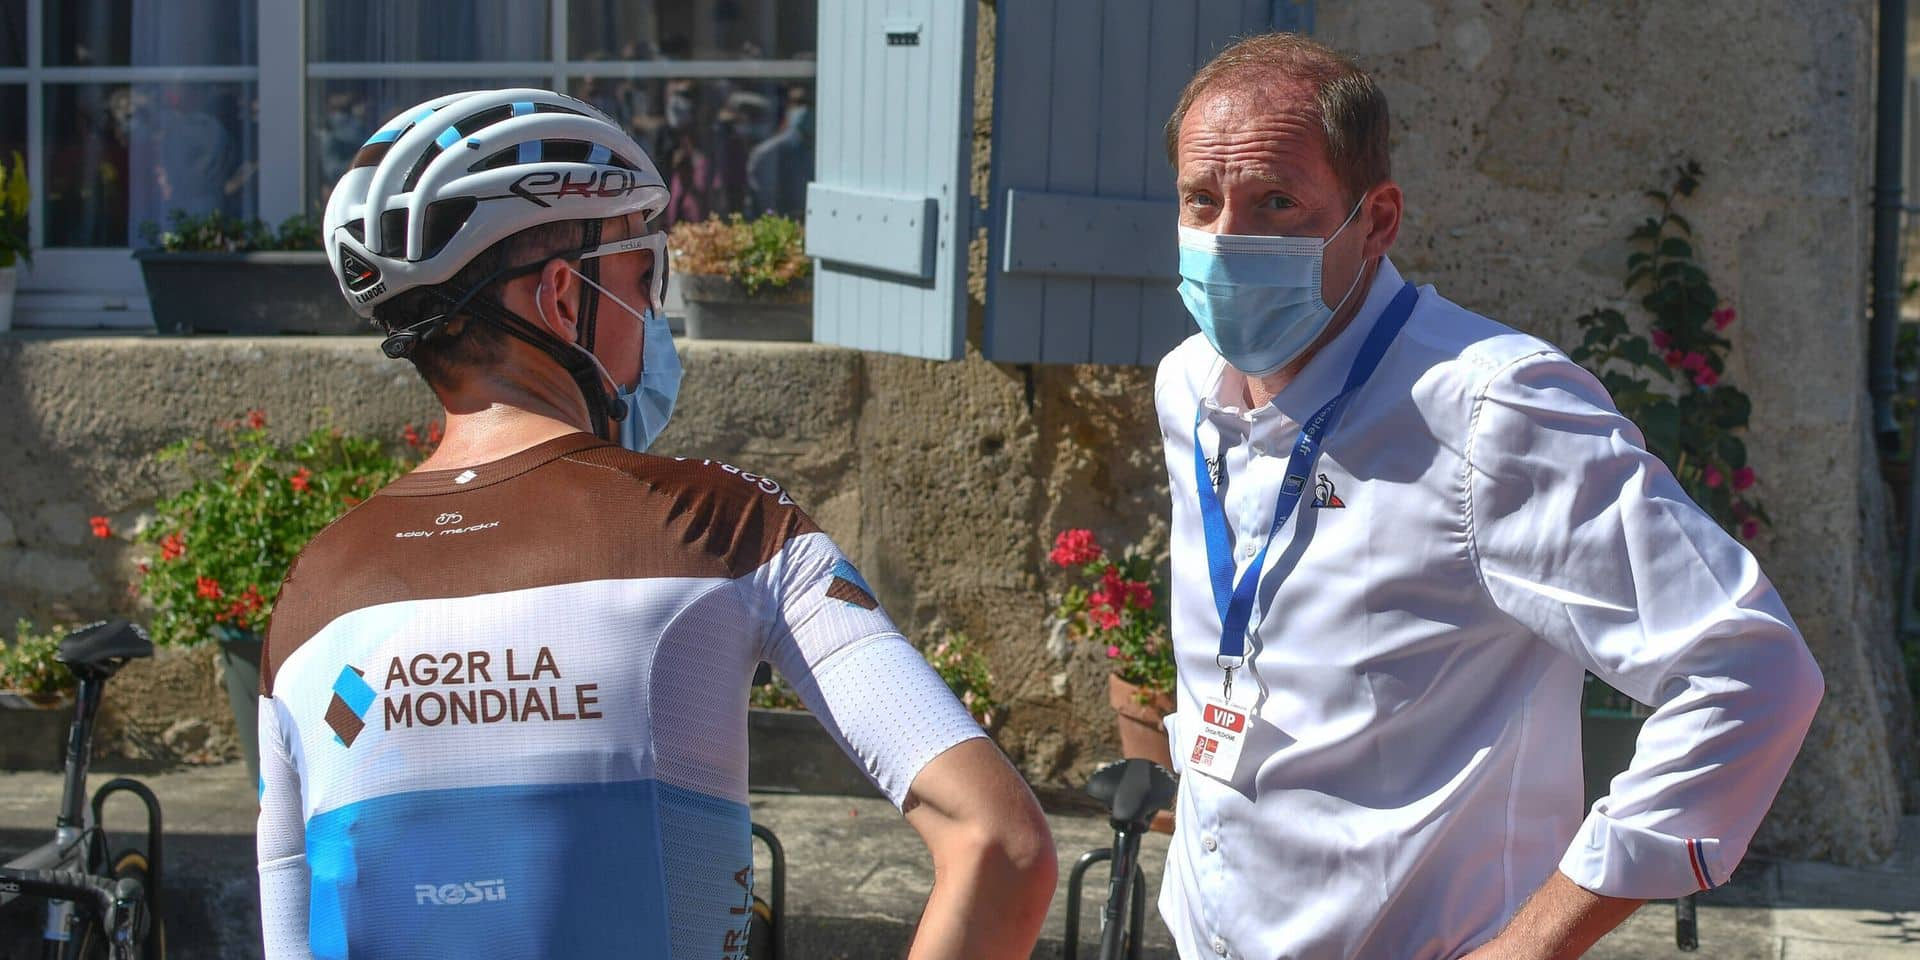 04-08-2020 La Route D occitanie; Tappa 04 Lectoure - Rocamadour; 2020, Ag2r La Mondiale; Bardet, Romain; Prudhomme, Chr